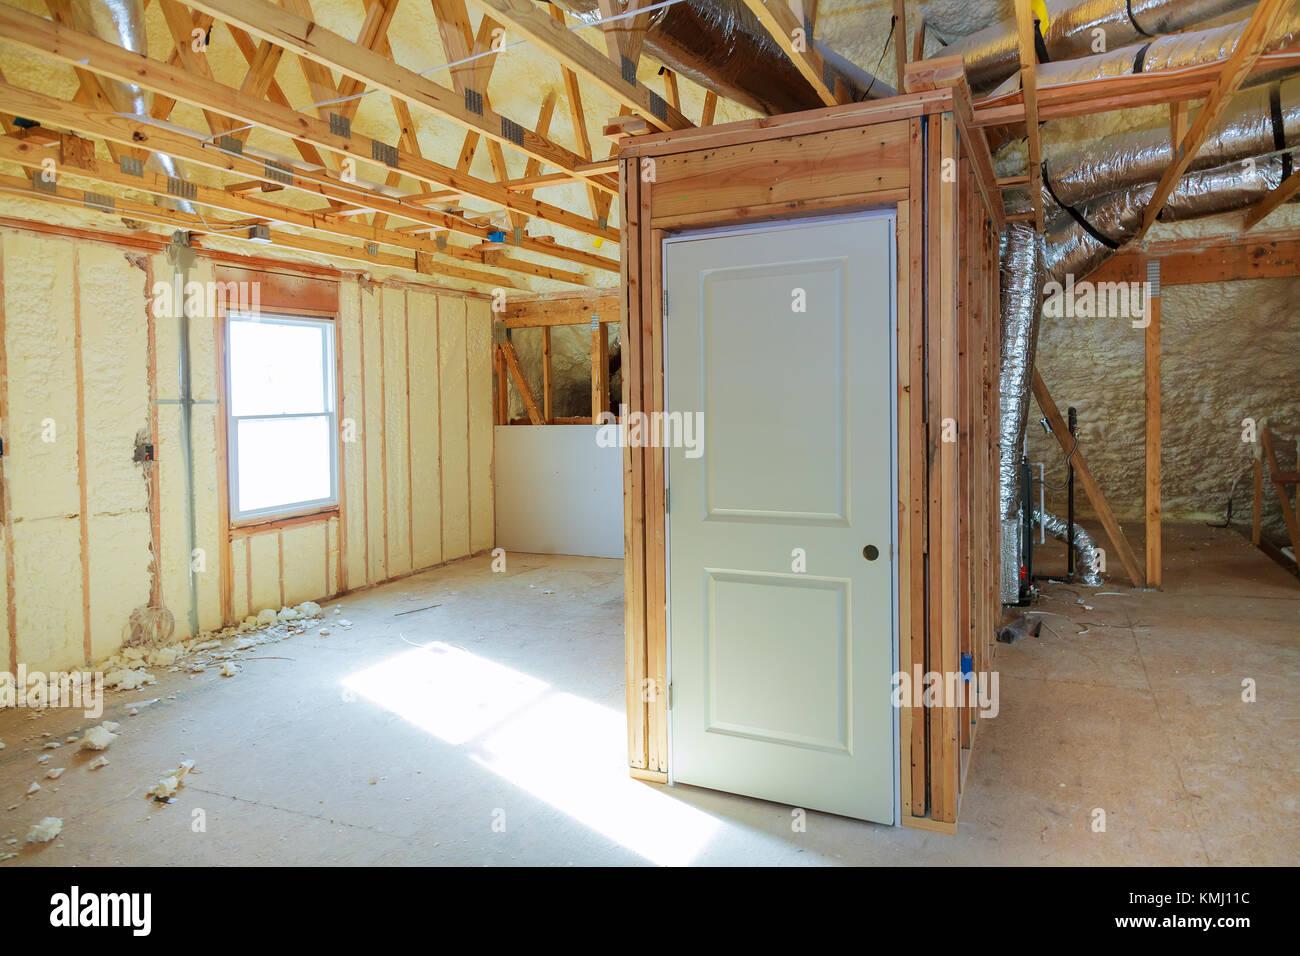 Hidro aislamiento térmico y aislamiento de pared interior vista interior en la construcción de viviendas Imagen De Stock